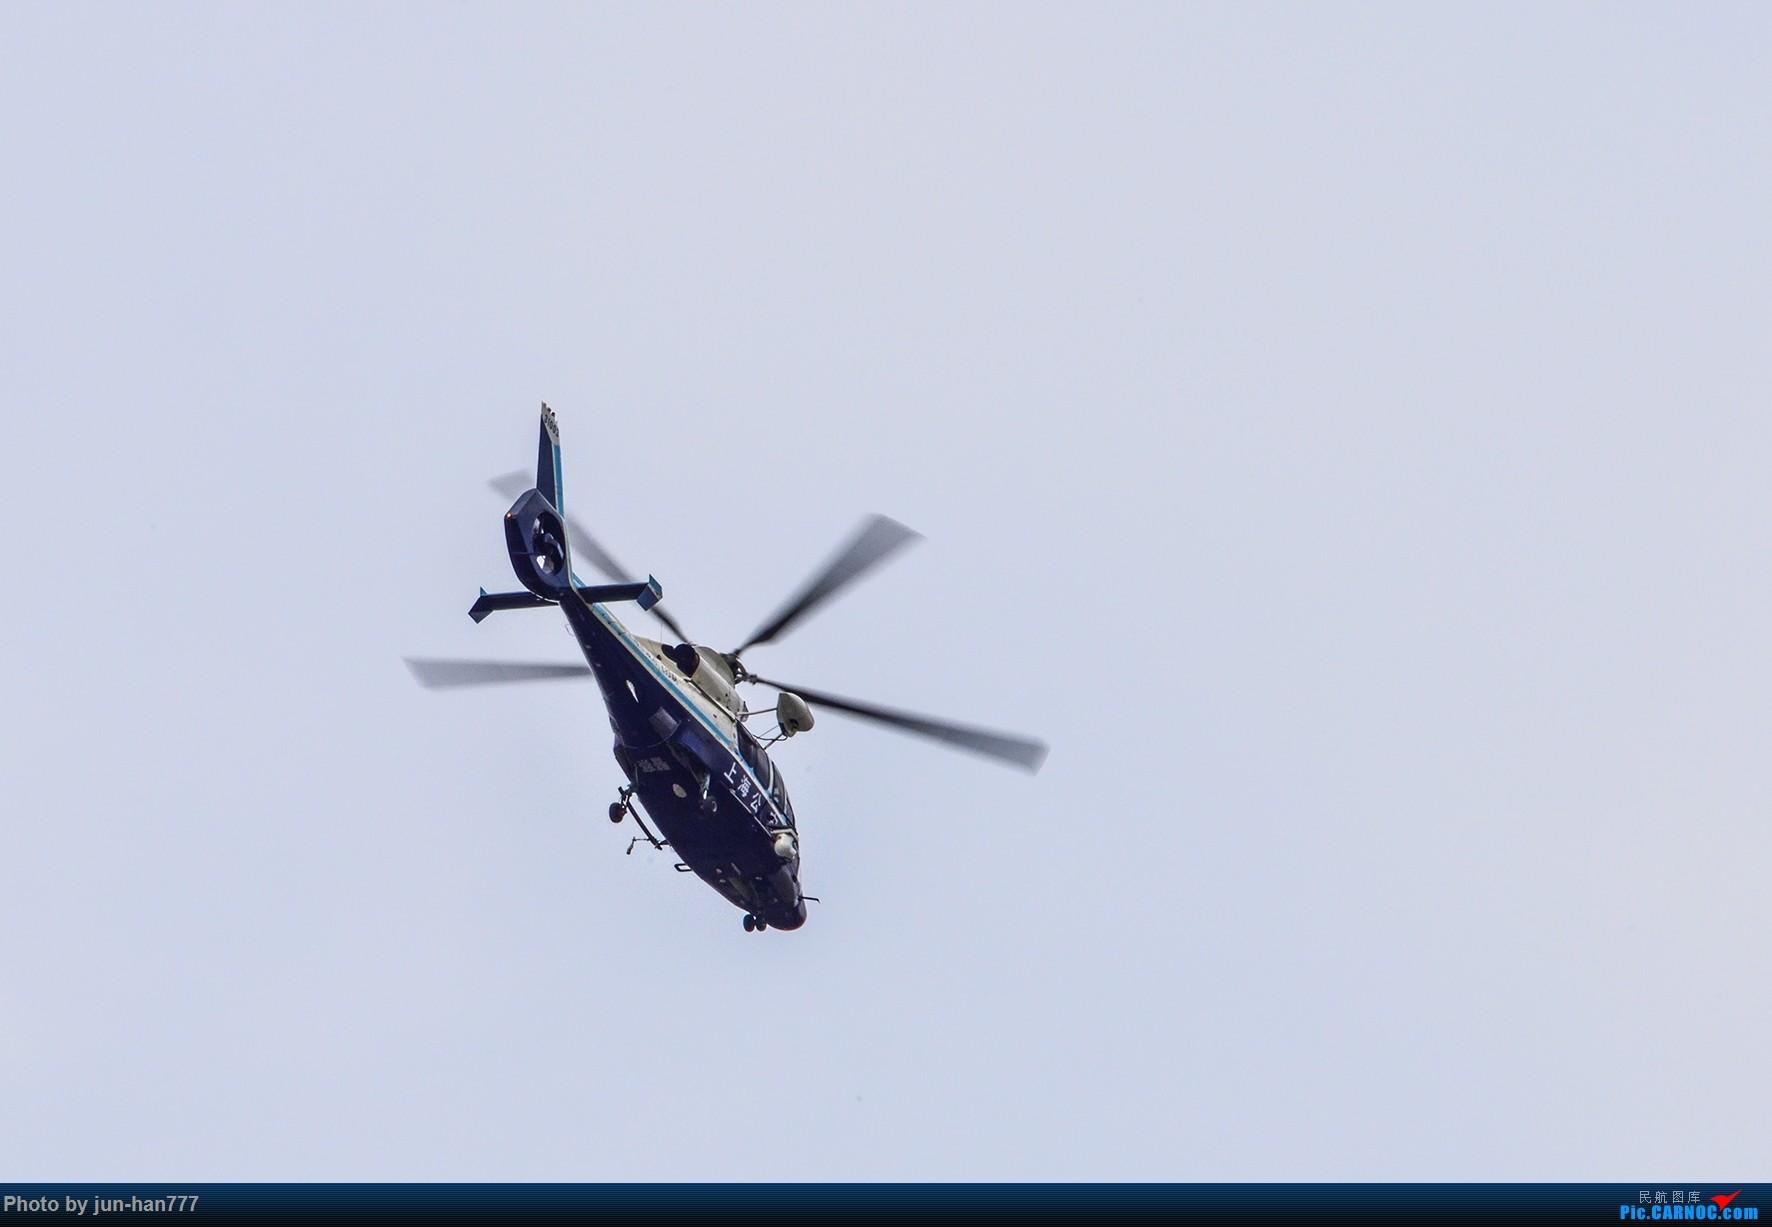 [原创]为上马保驾护航的警用直升机 直升机